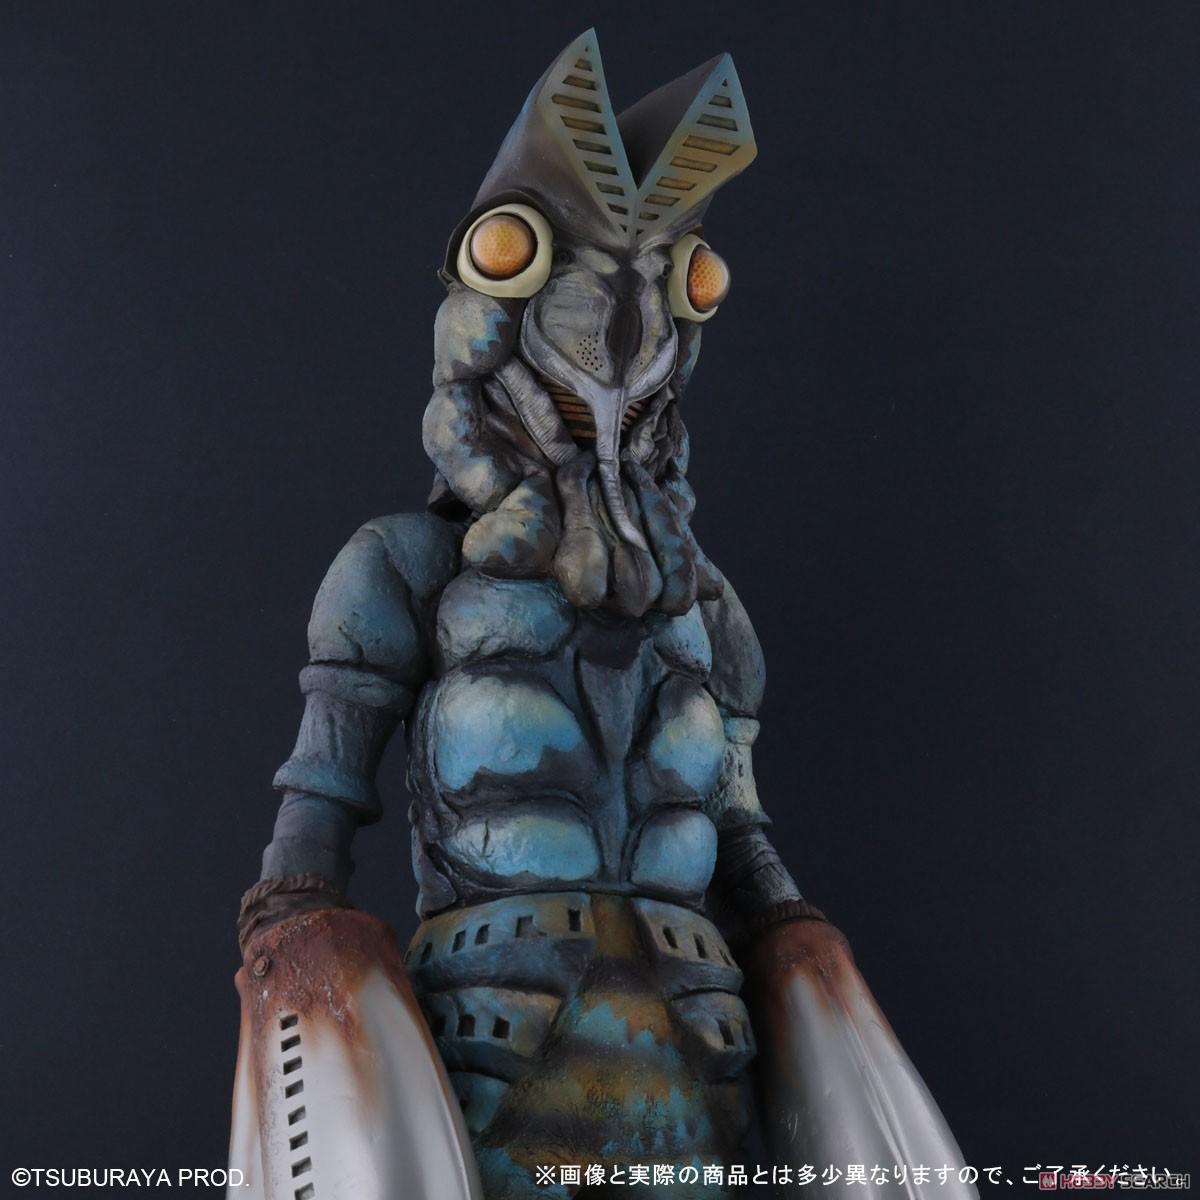 ギガンティックシリーズ『バルタン星人』ウルトラマン 完成品フィギュア-008